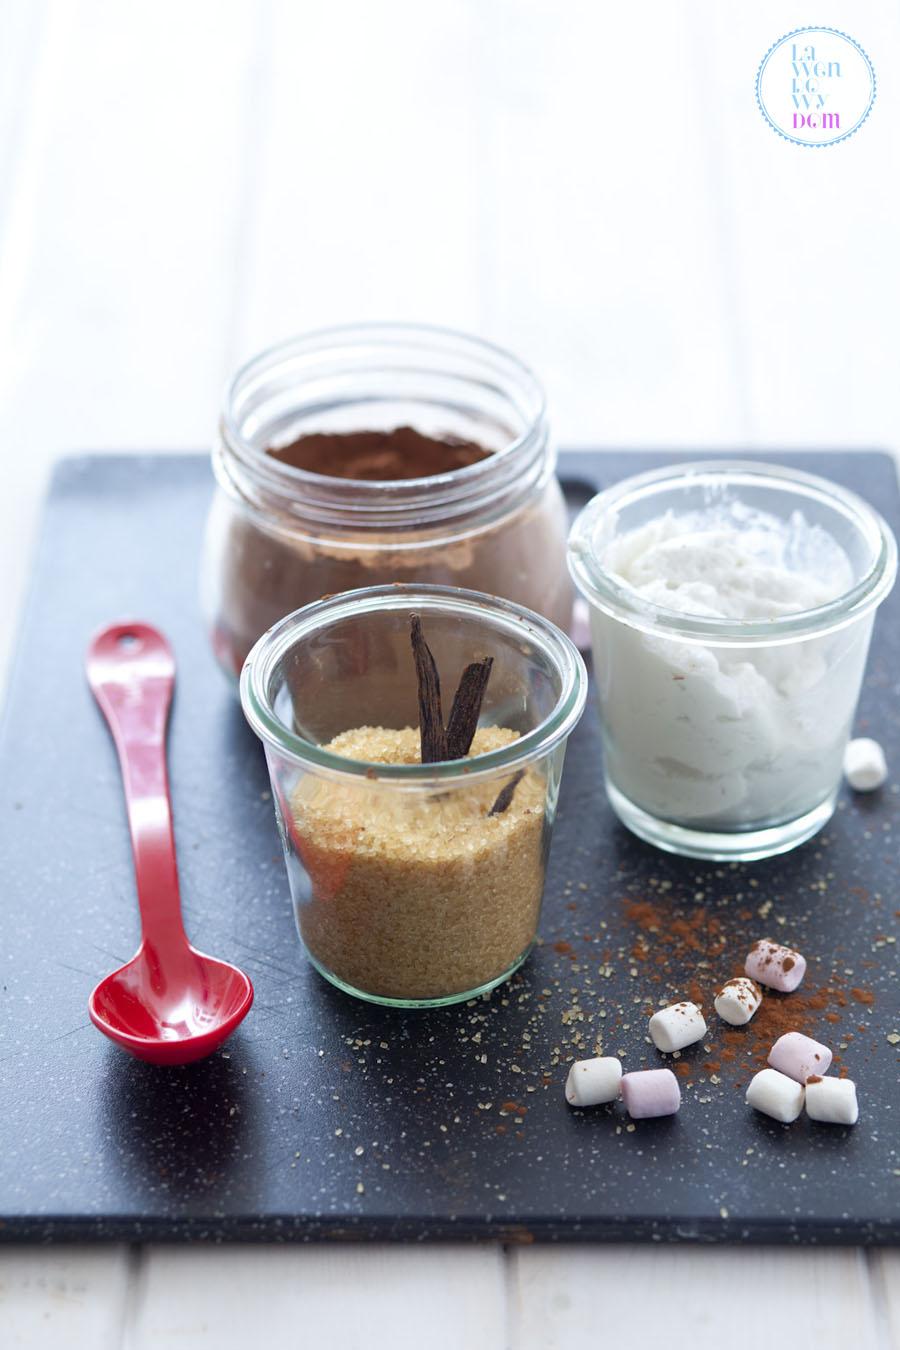 goraca-czekolada-na-mleku-kokosowym-przepis_06